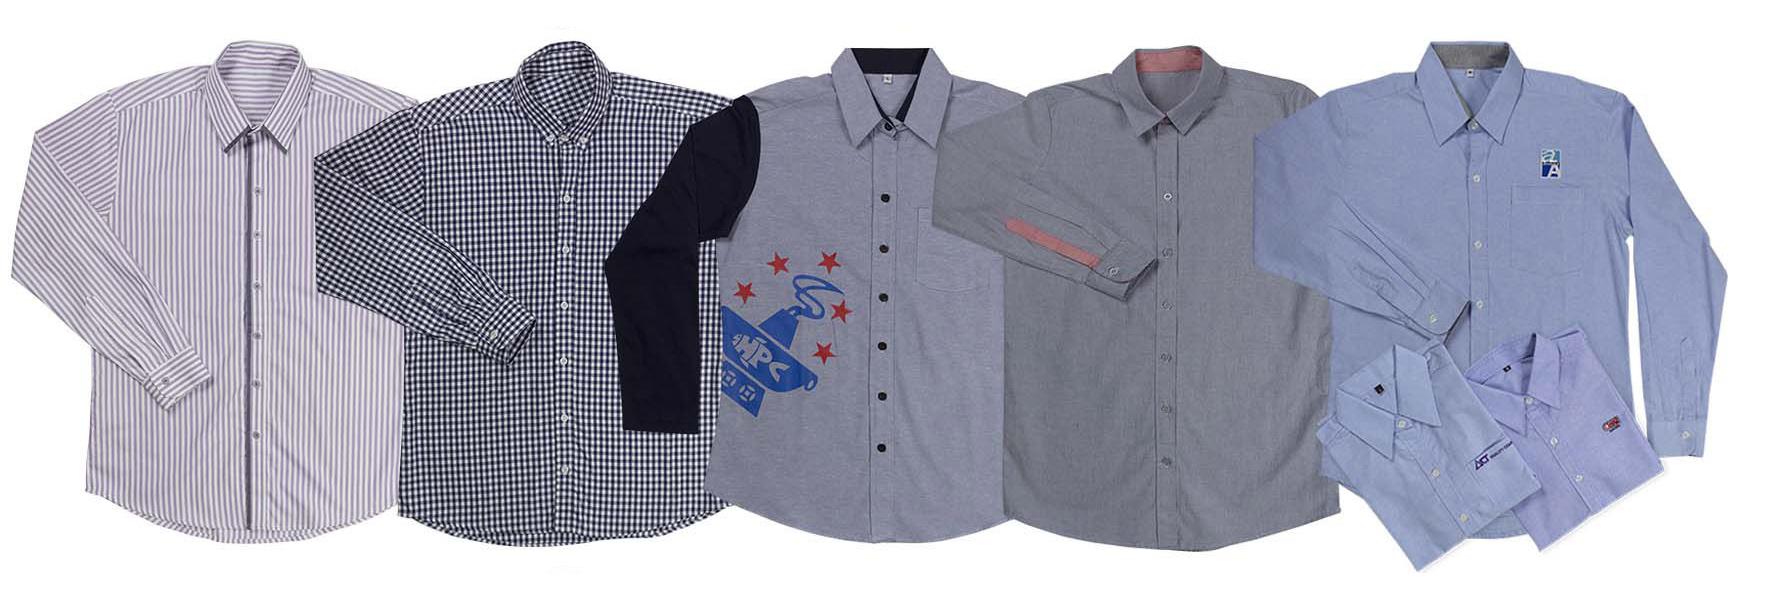 1. เสื้อเชิ้ต